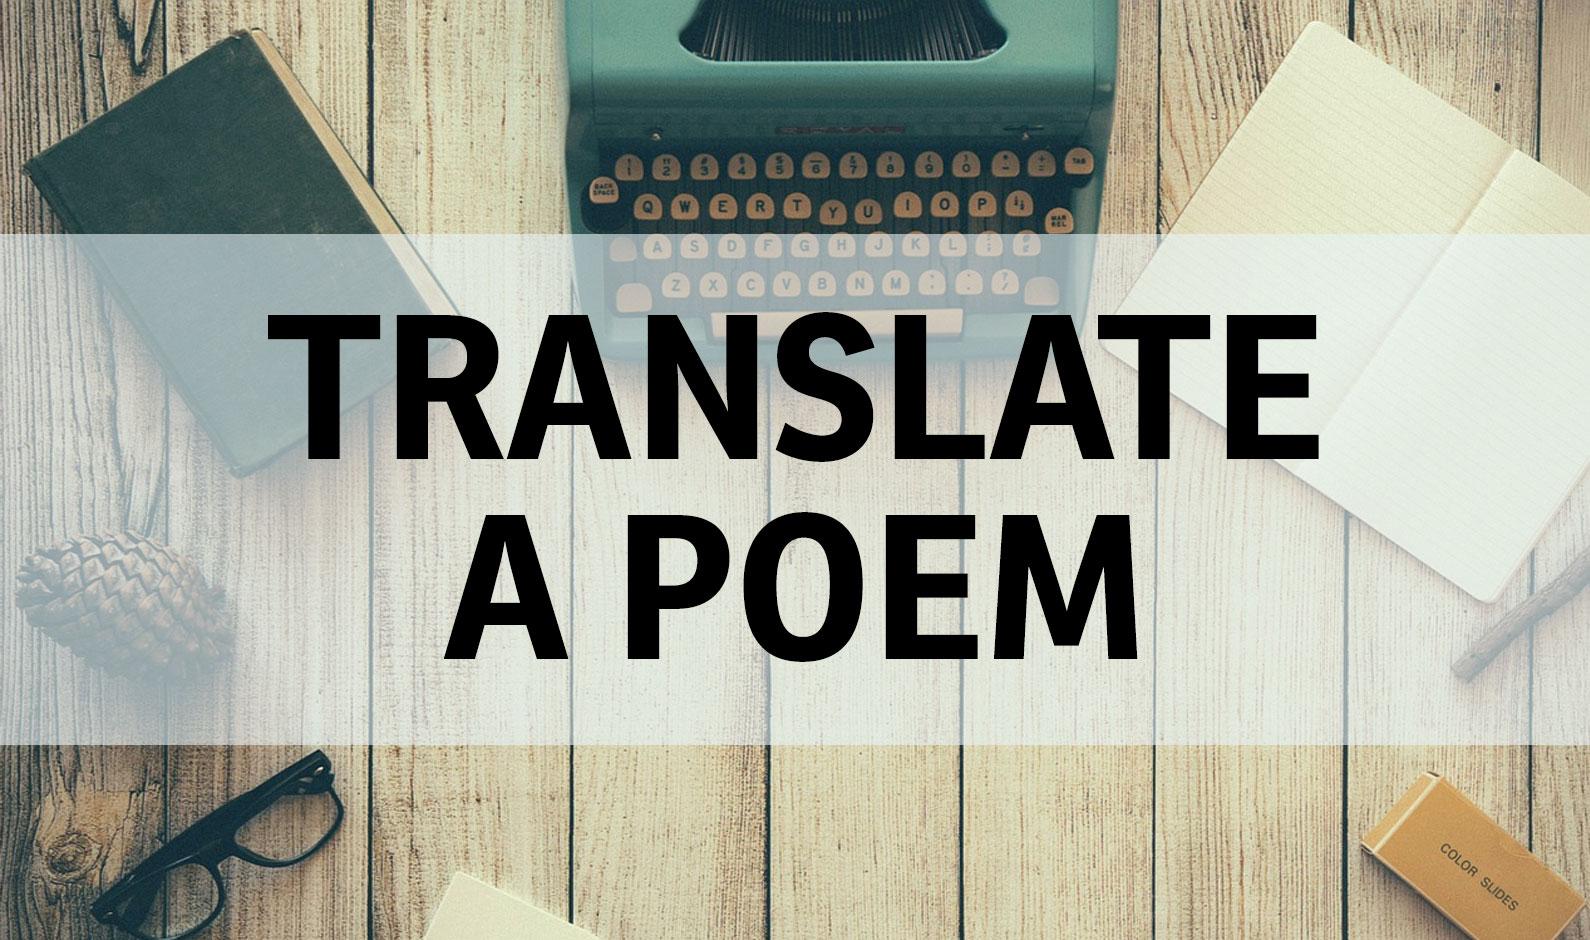 TRANSLATE-A-POEM